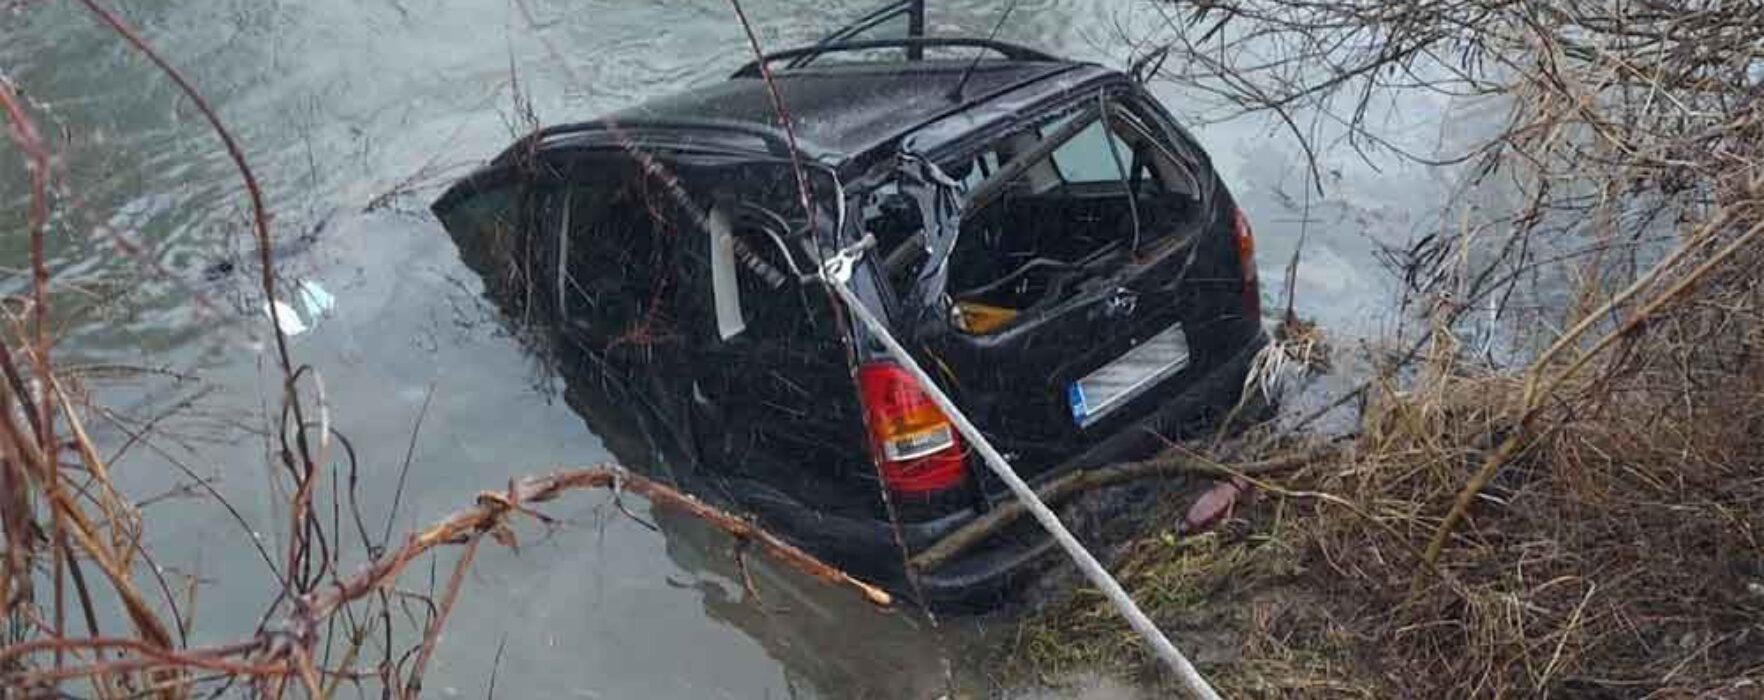 Dâmboviţa: Şofer băut a căzut cu maşina într-un râu, în autoturism era şi o pasageră